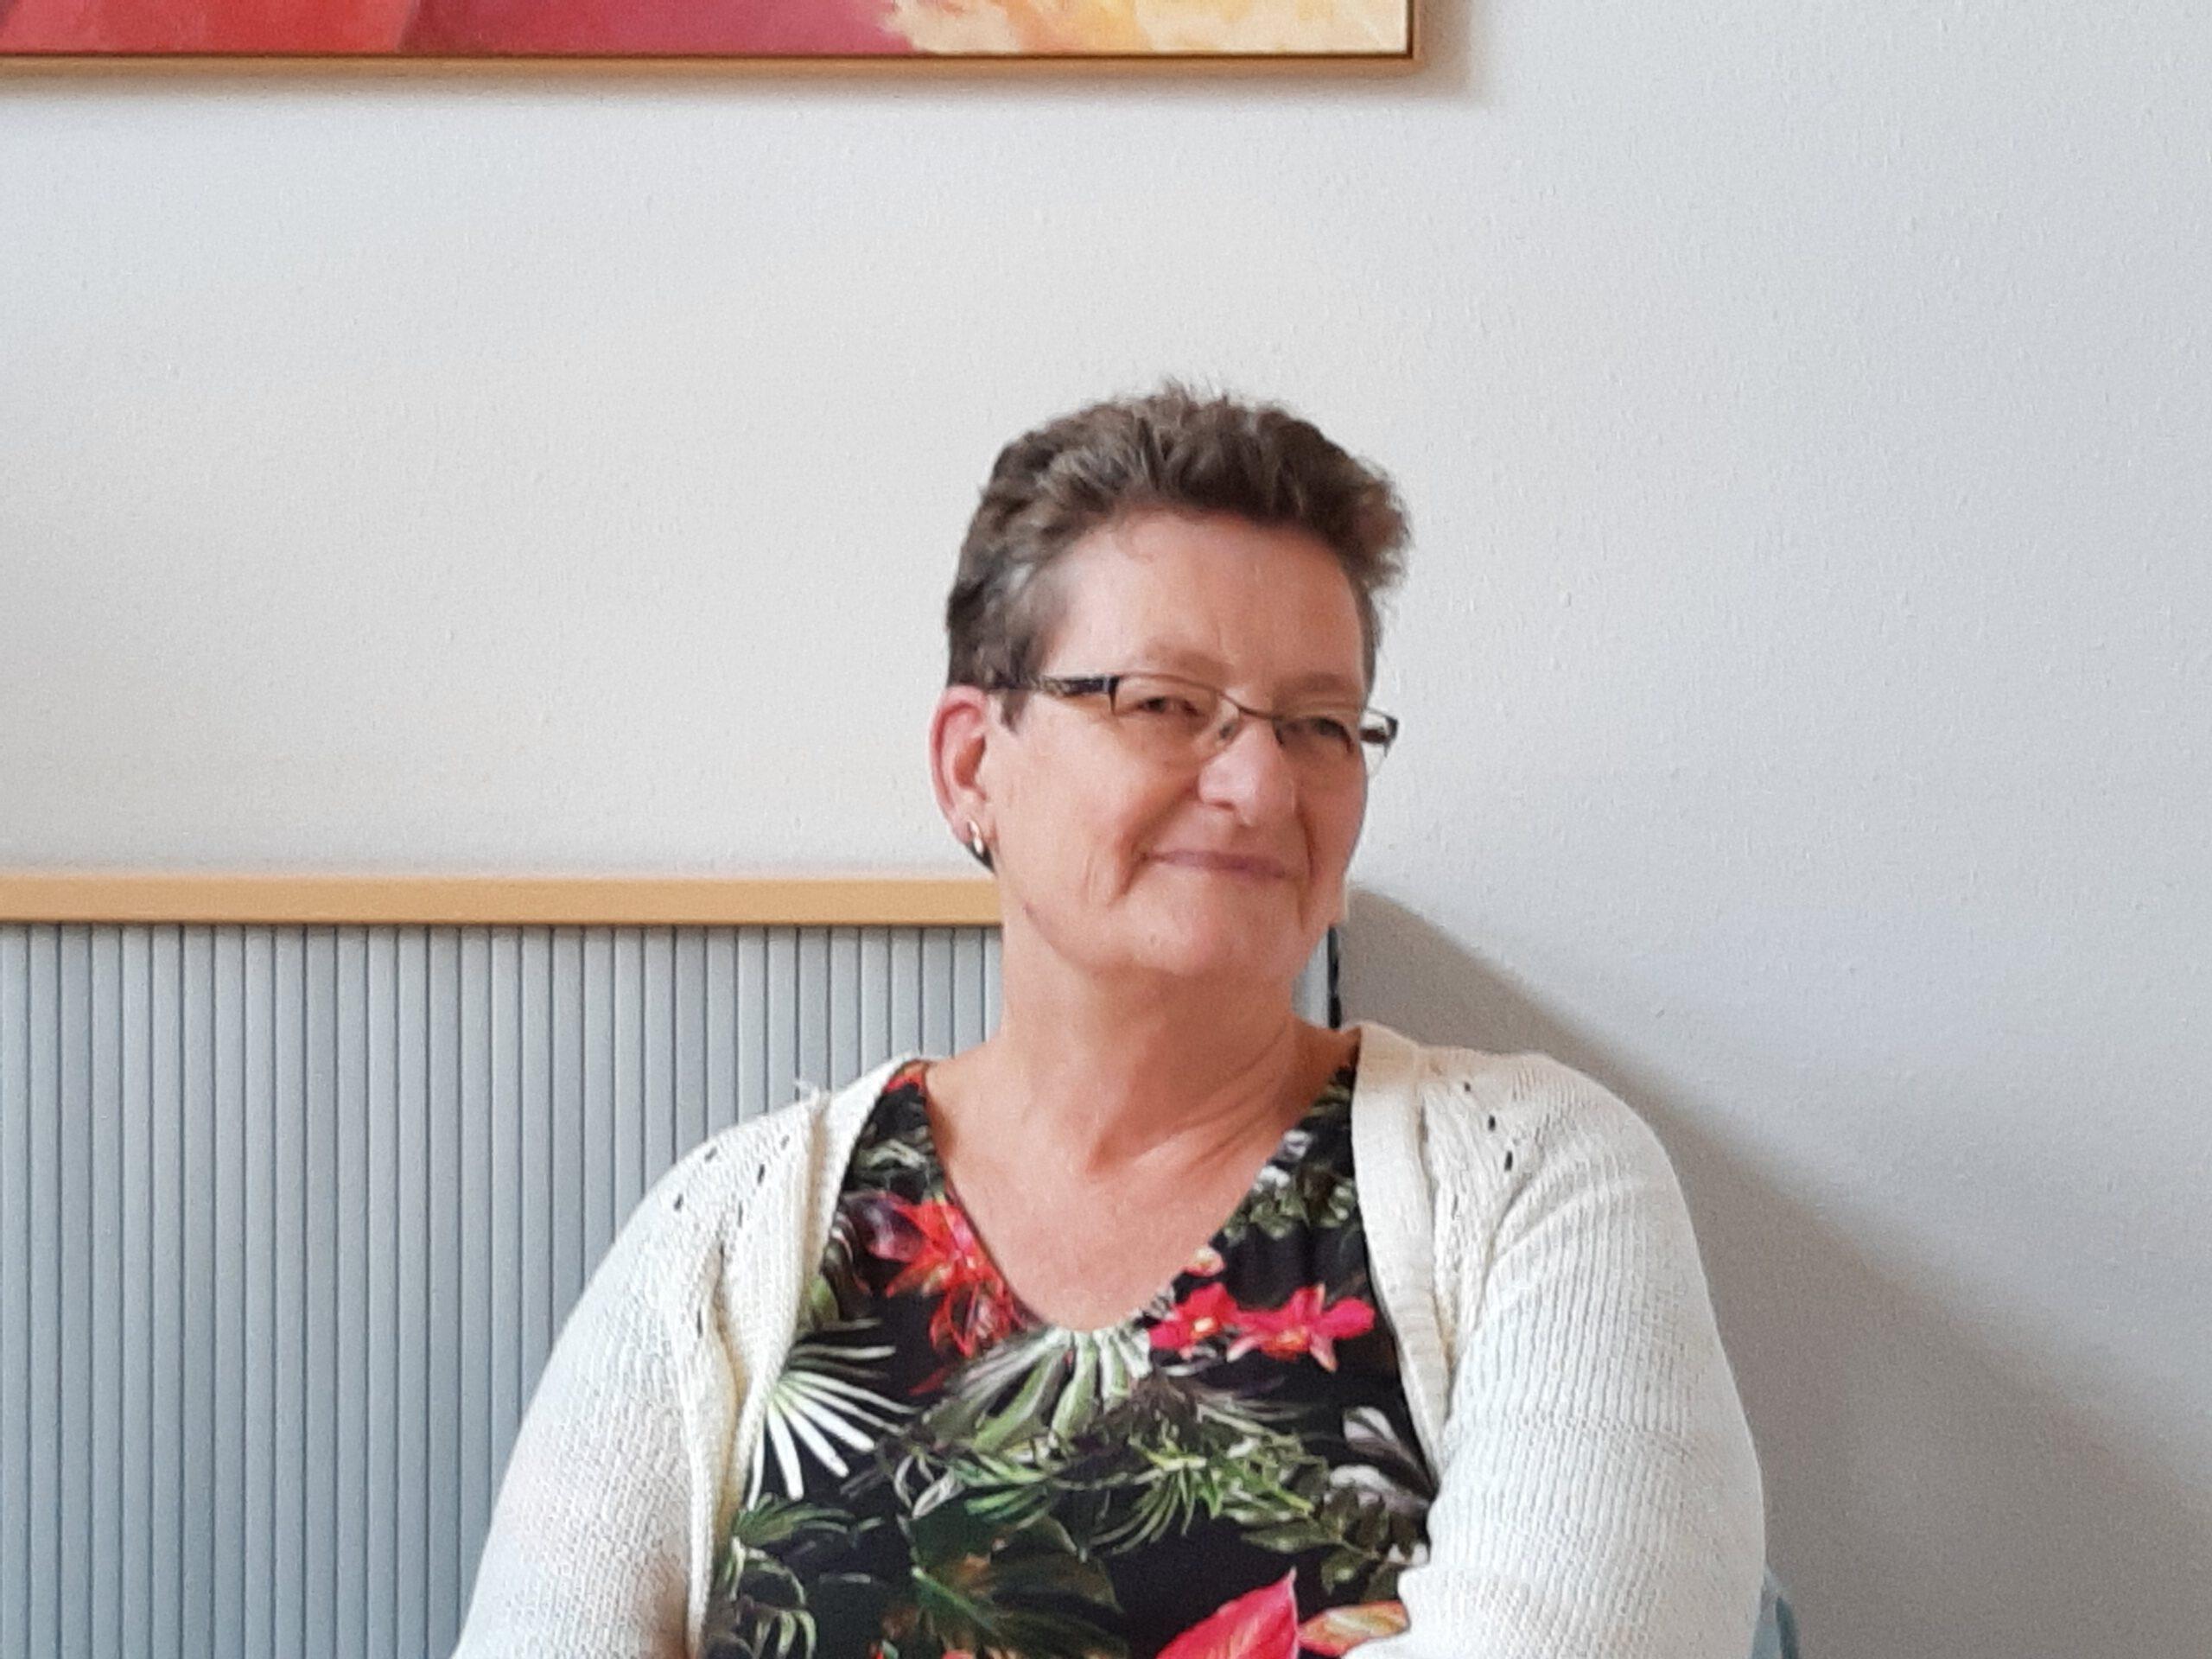 Trudy van der Weide